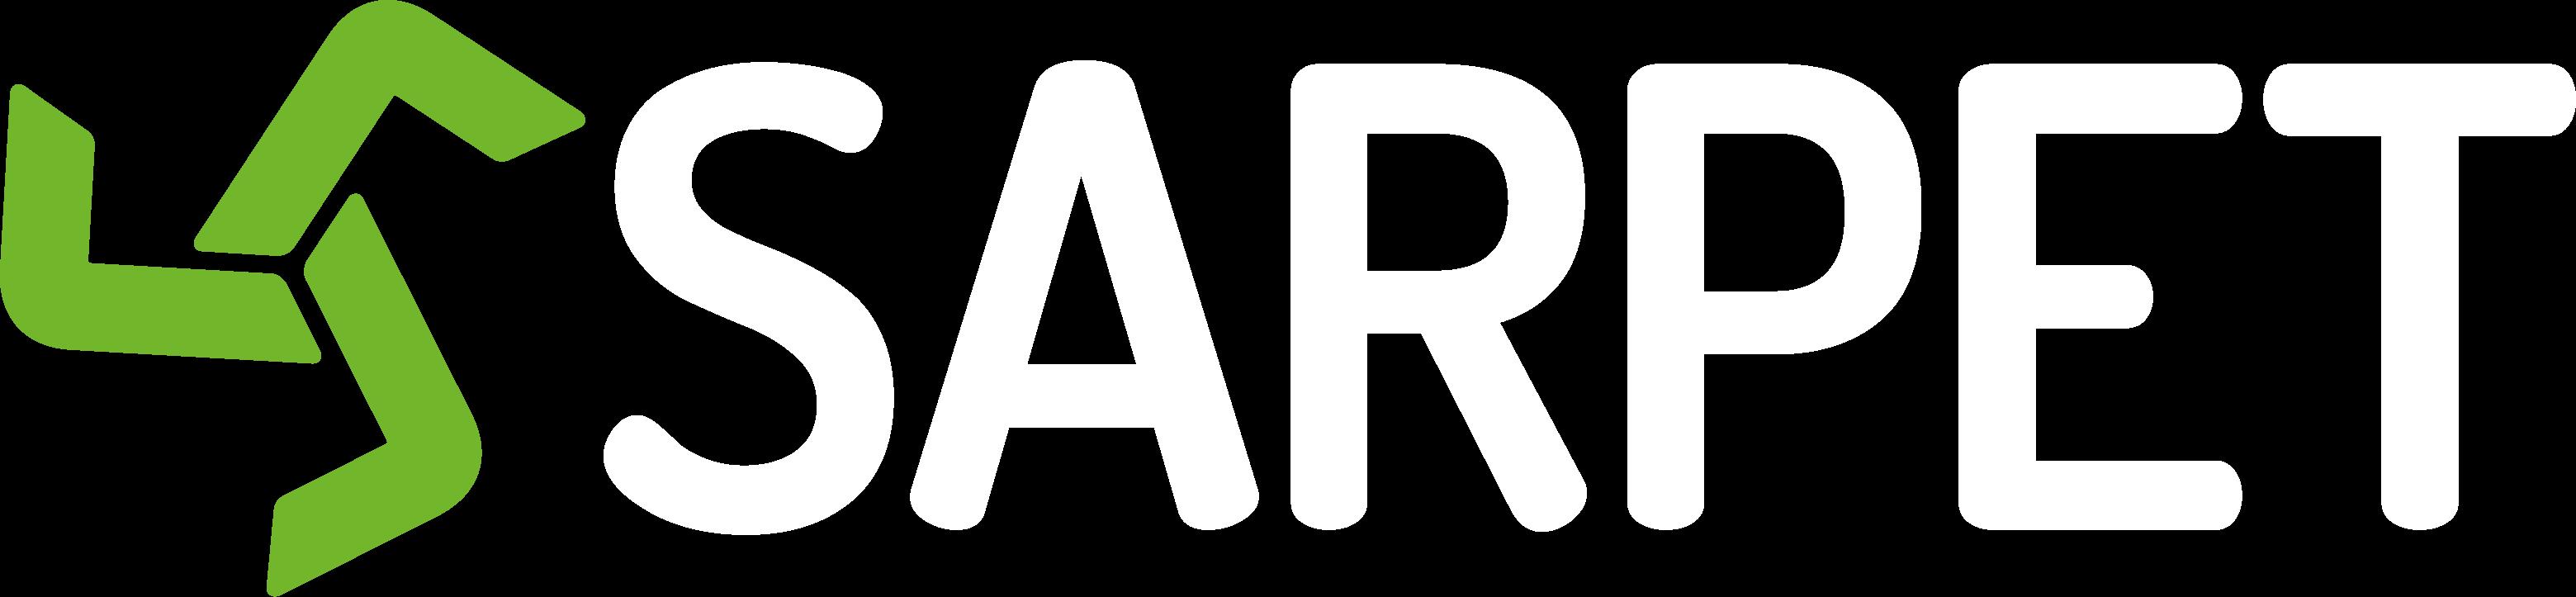 Sarpet